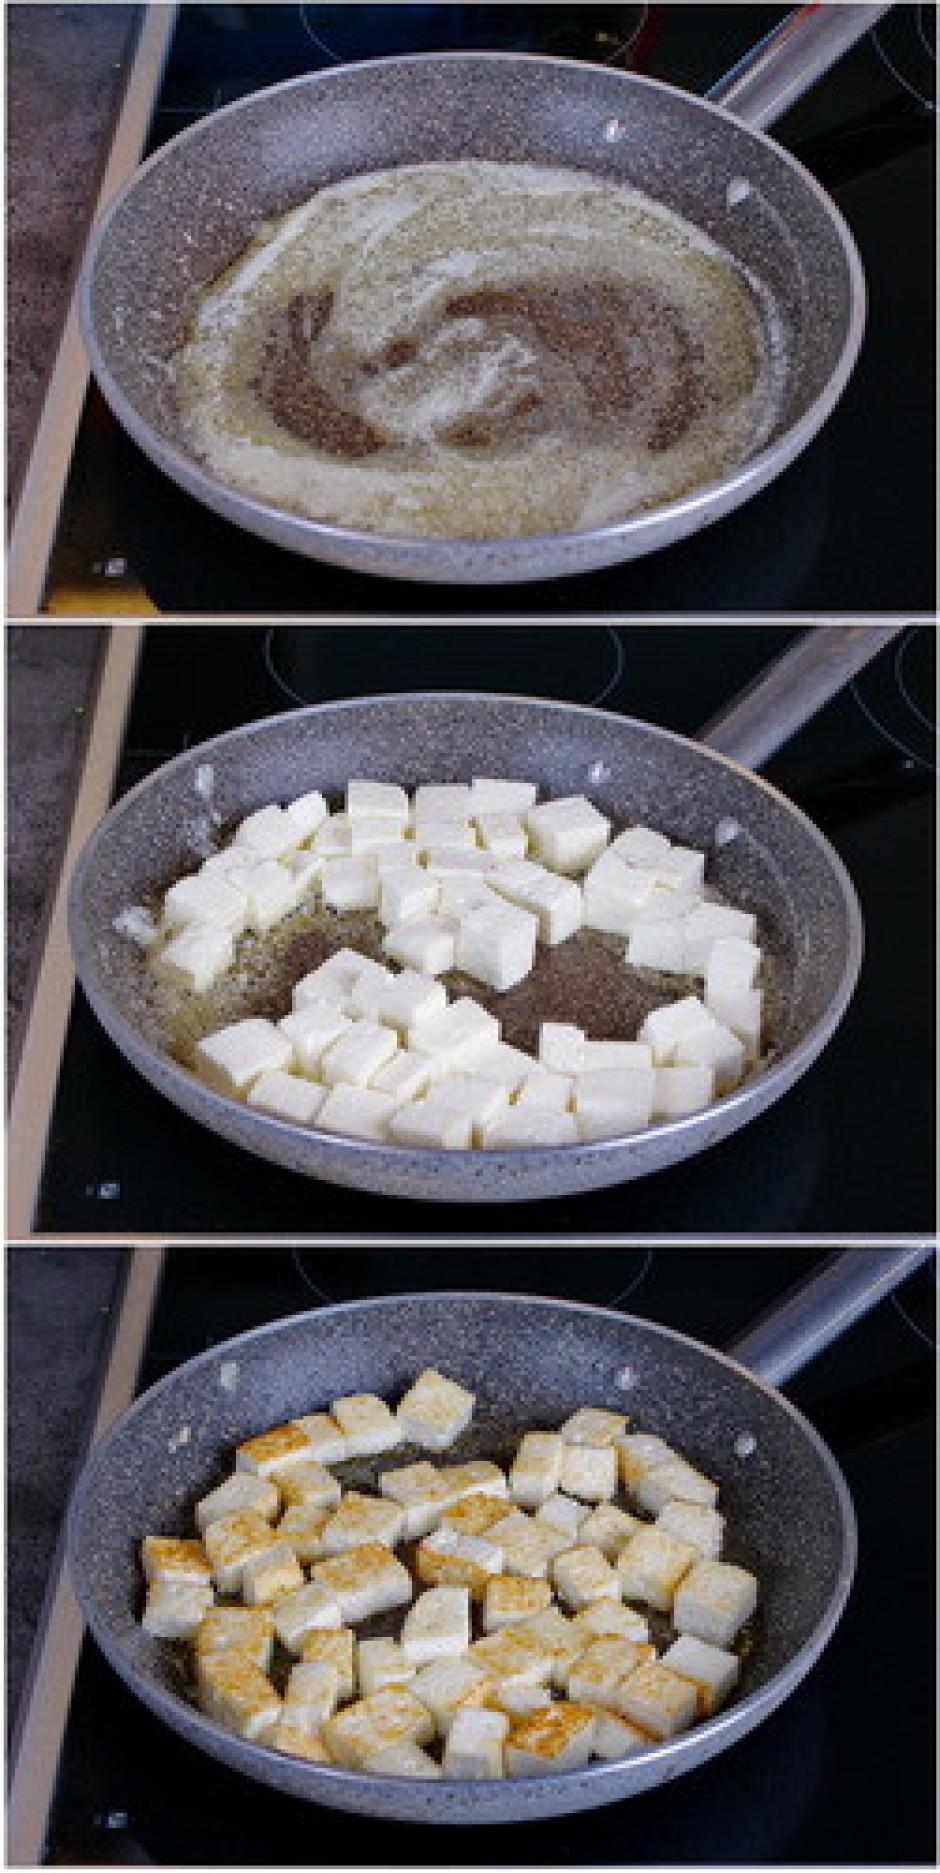 Sviestā apcep siera kubiņus no visām pusēm, lai tam izveidot...